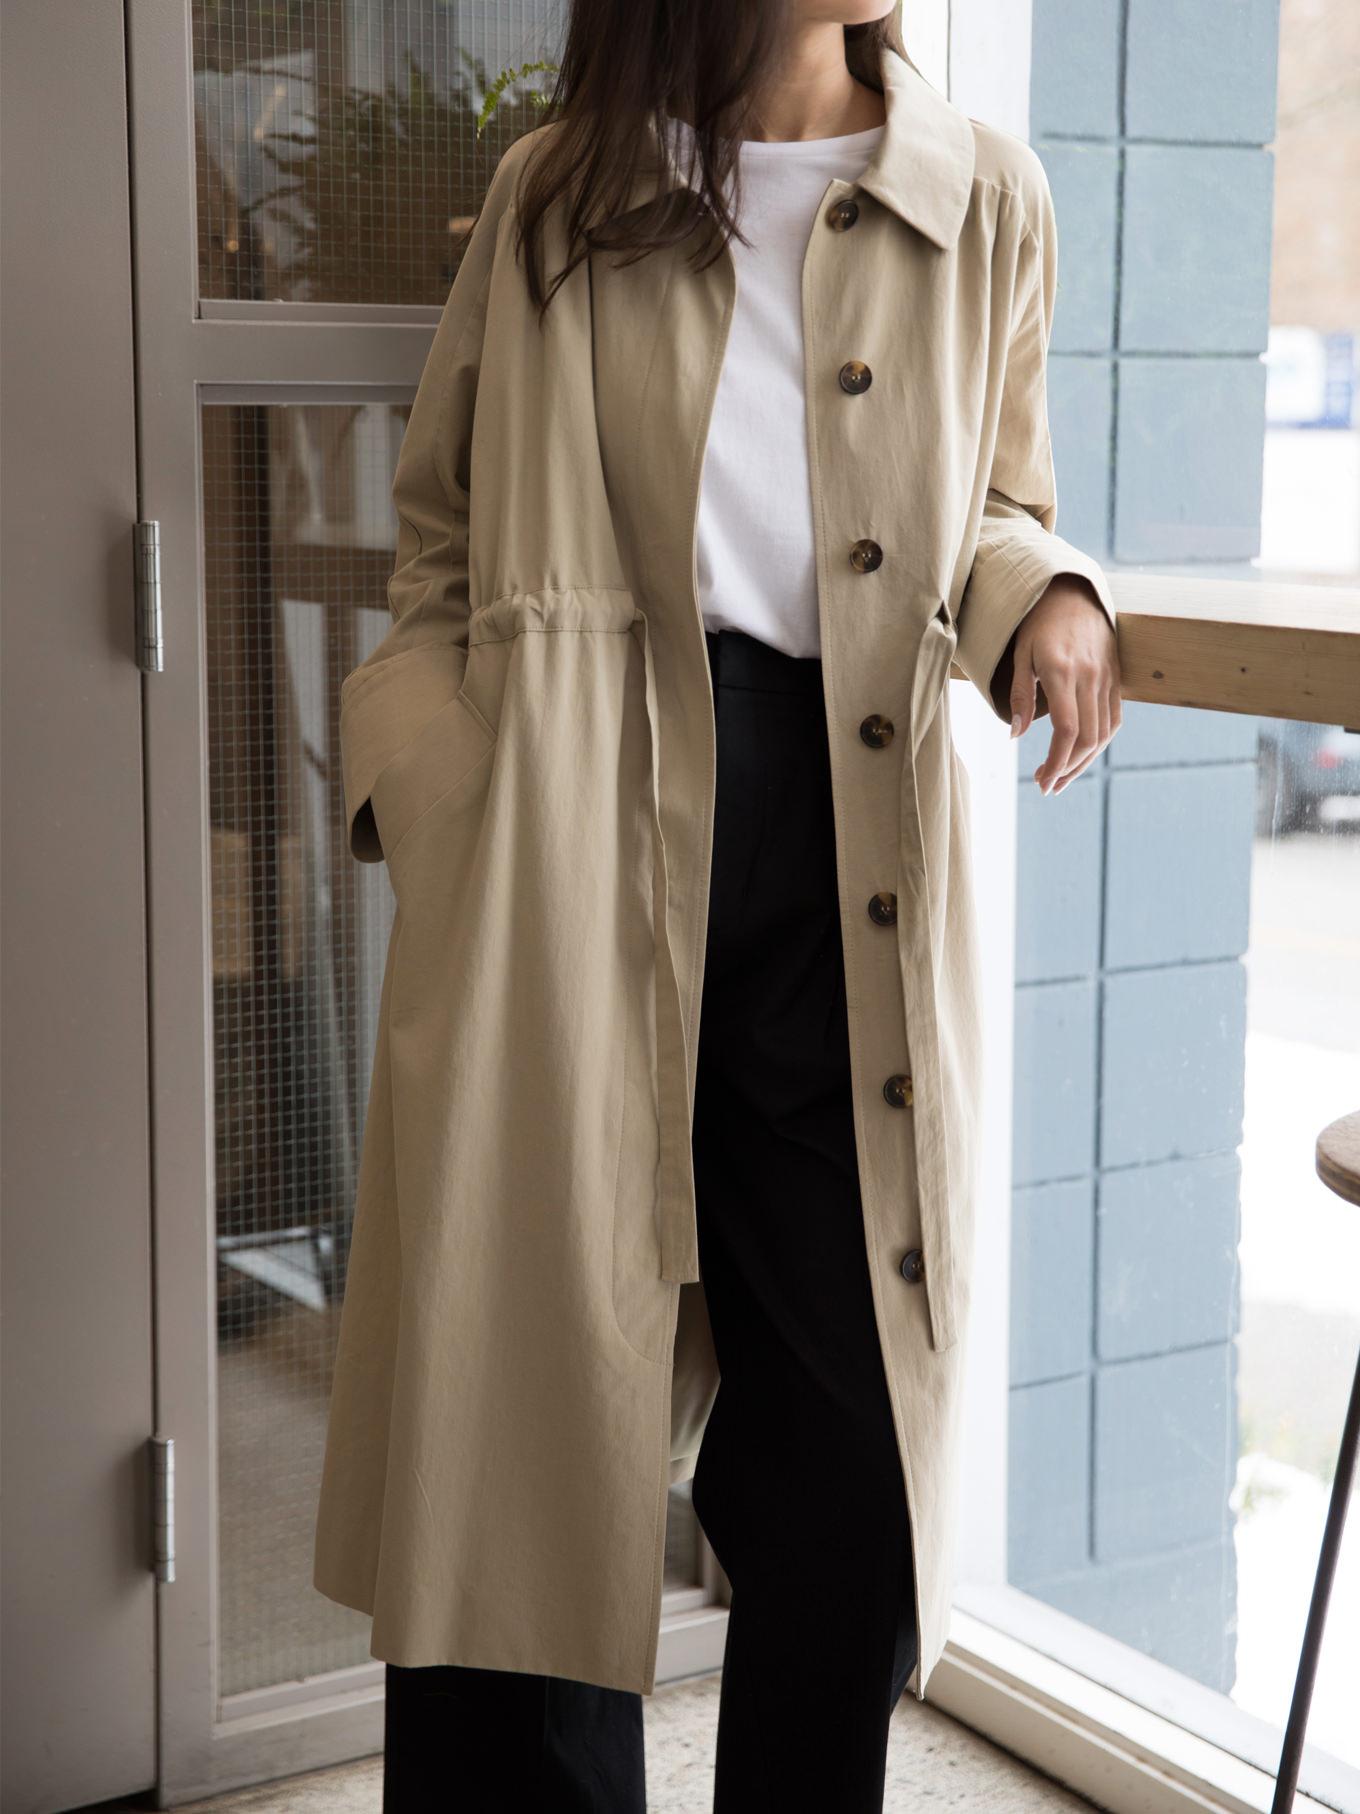 Womens Contemporary Fashion Dresses